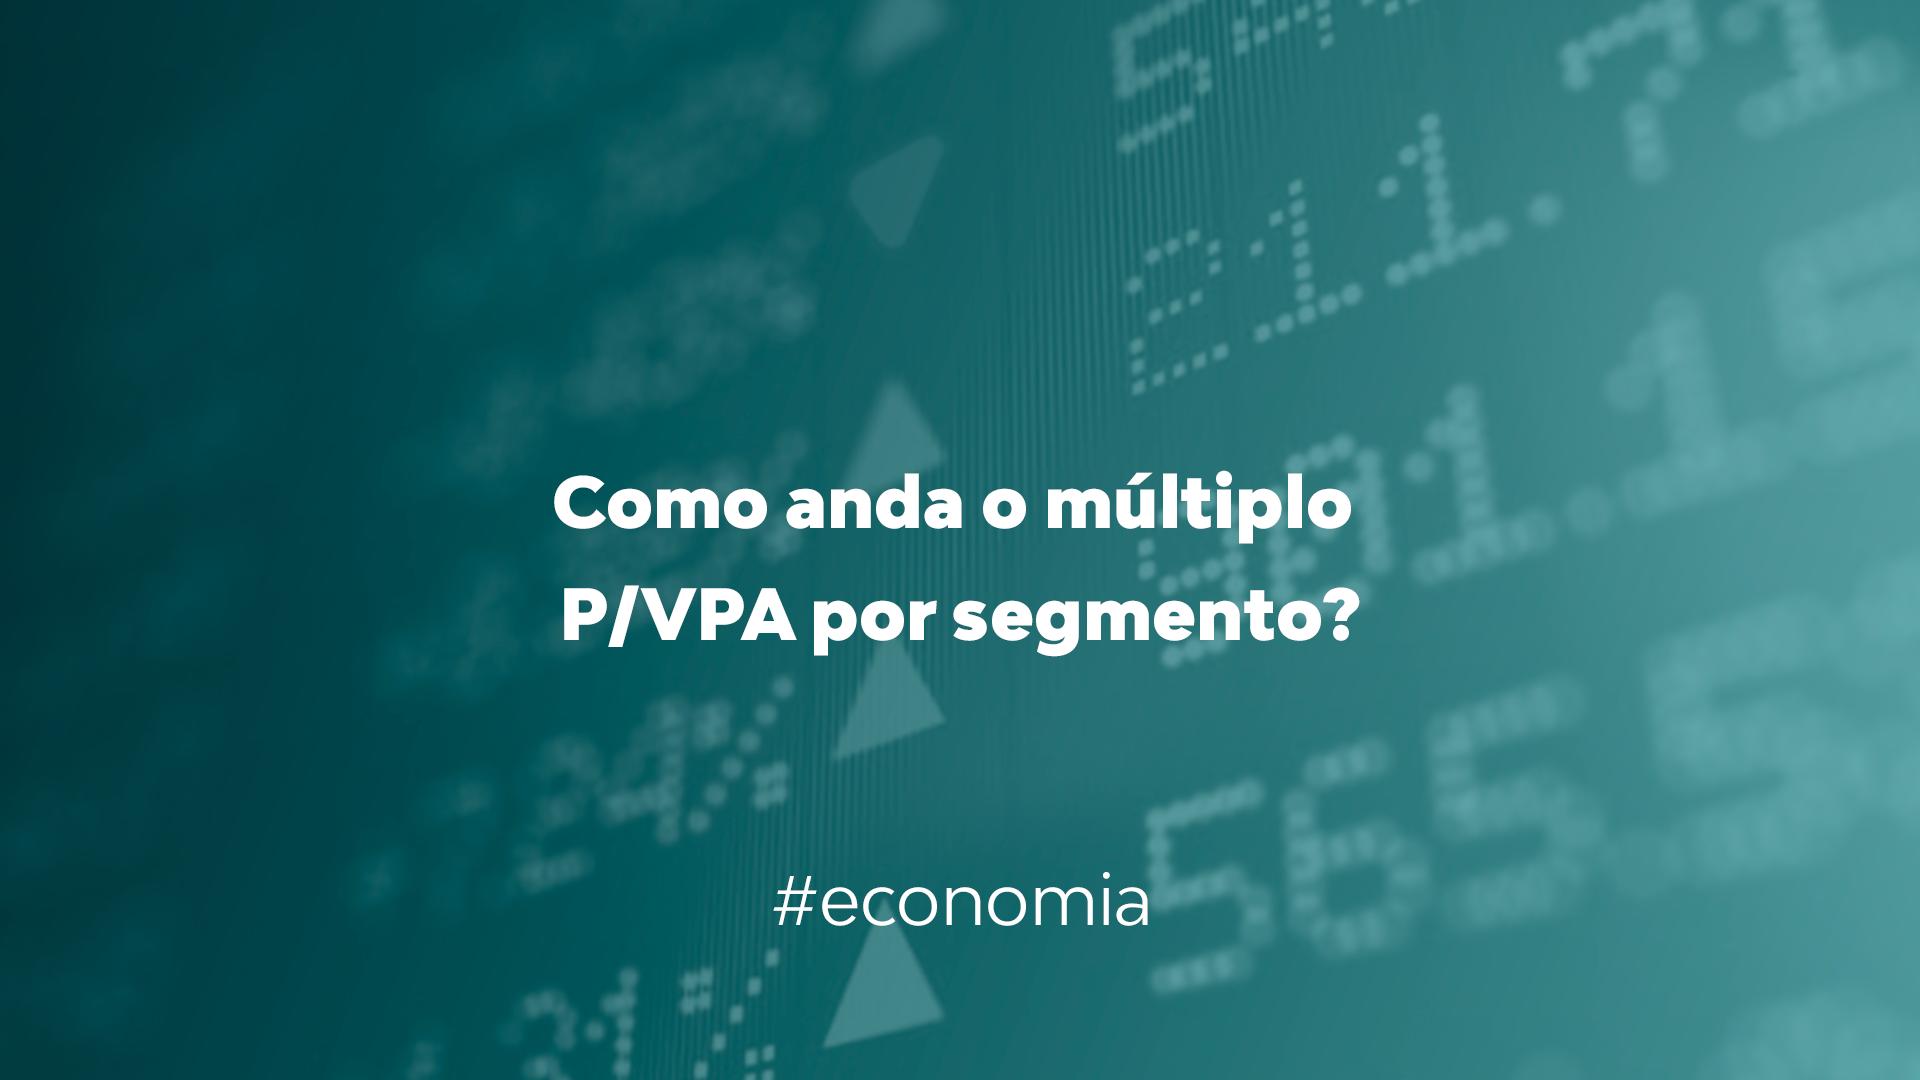 Como anda o múltiplo P/VPA por segmento?